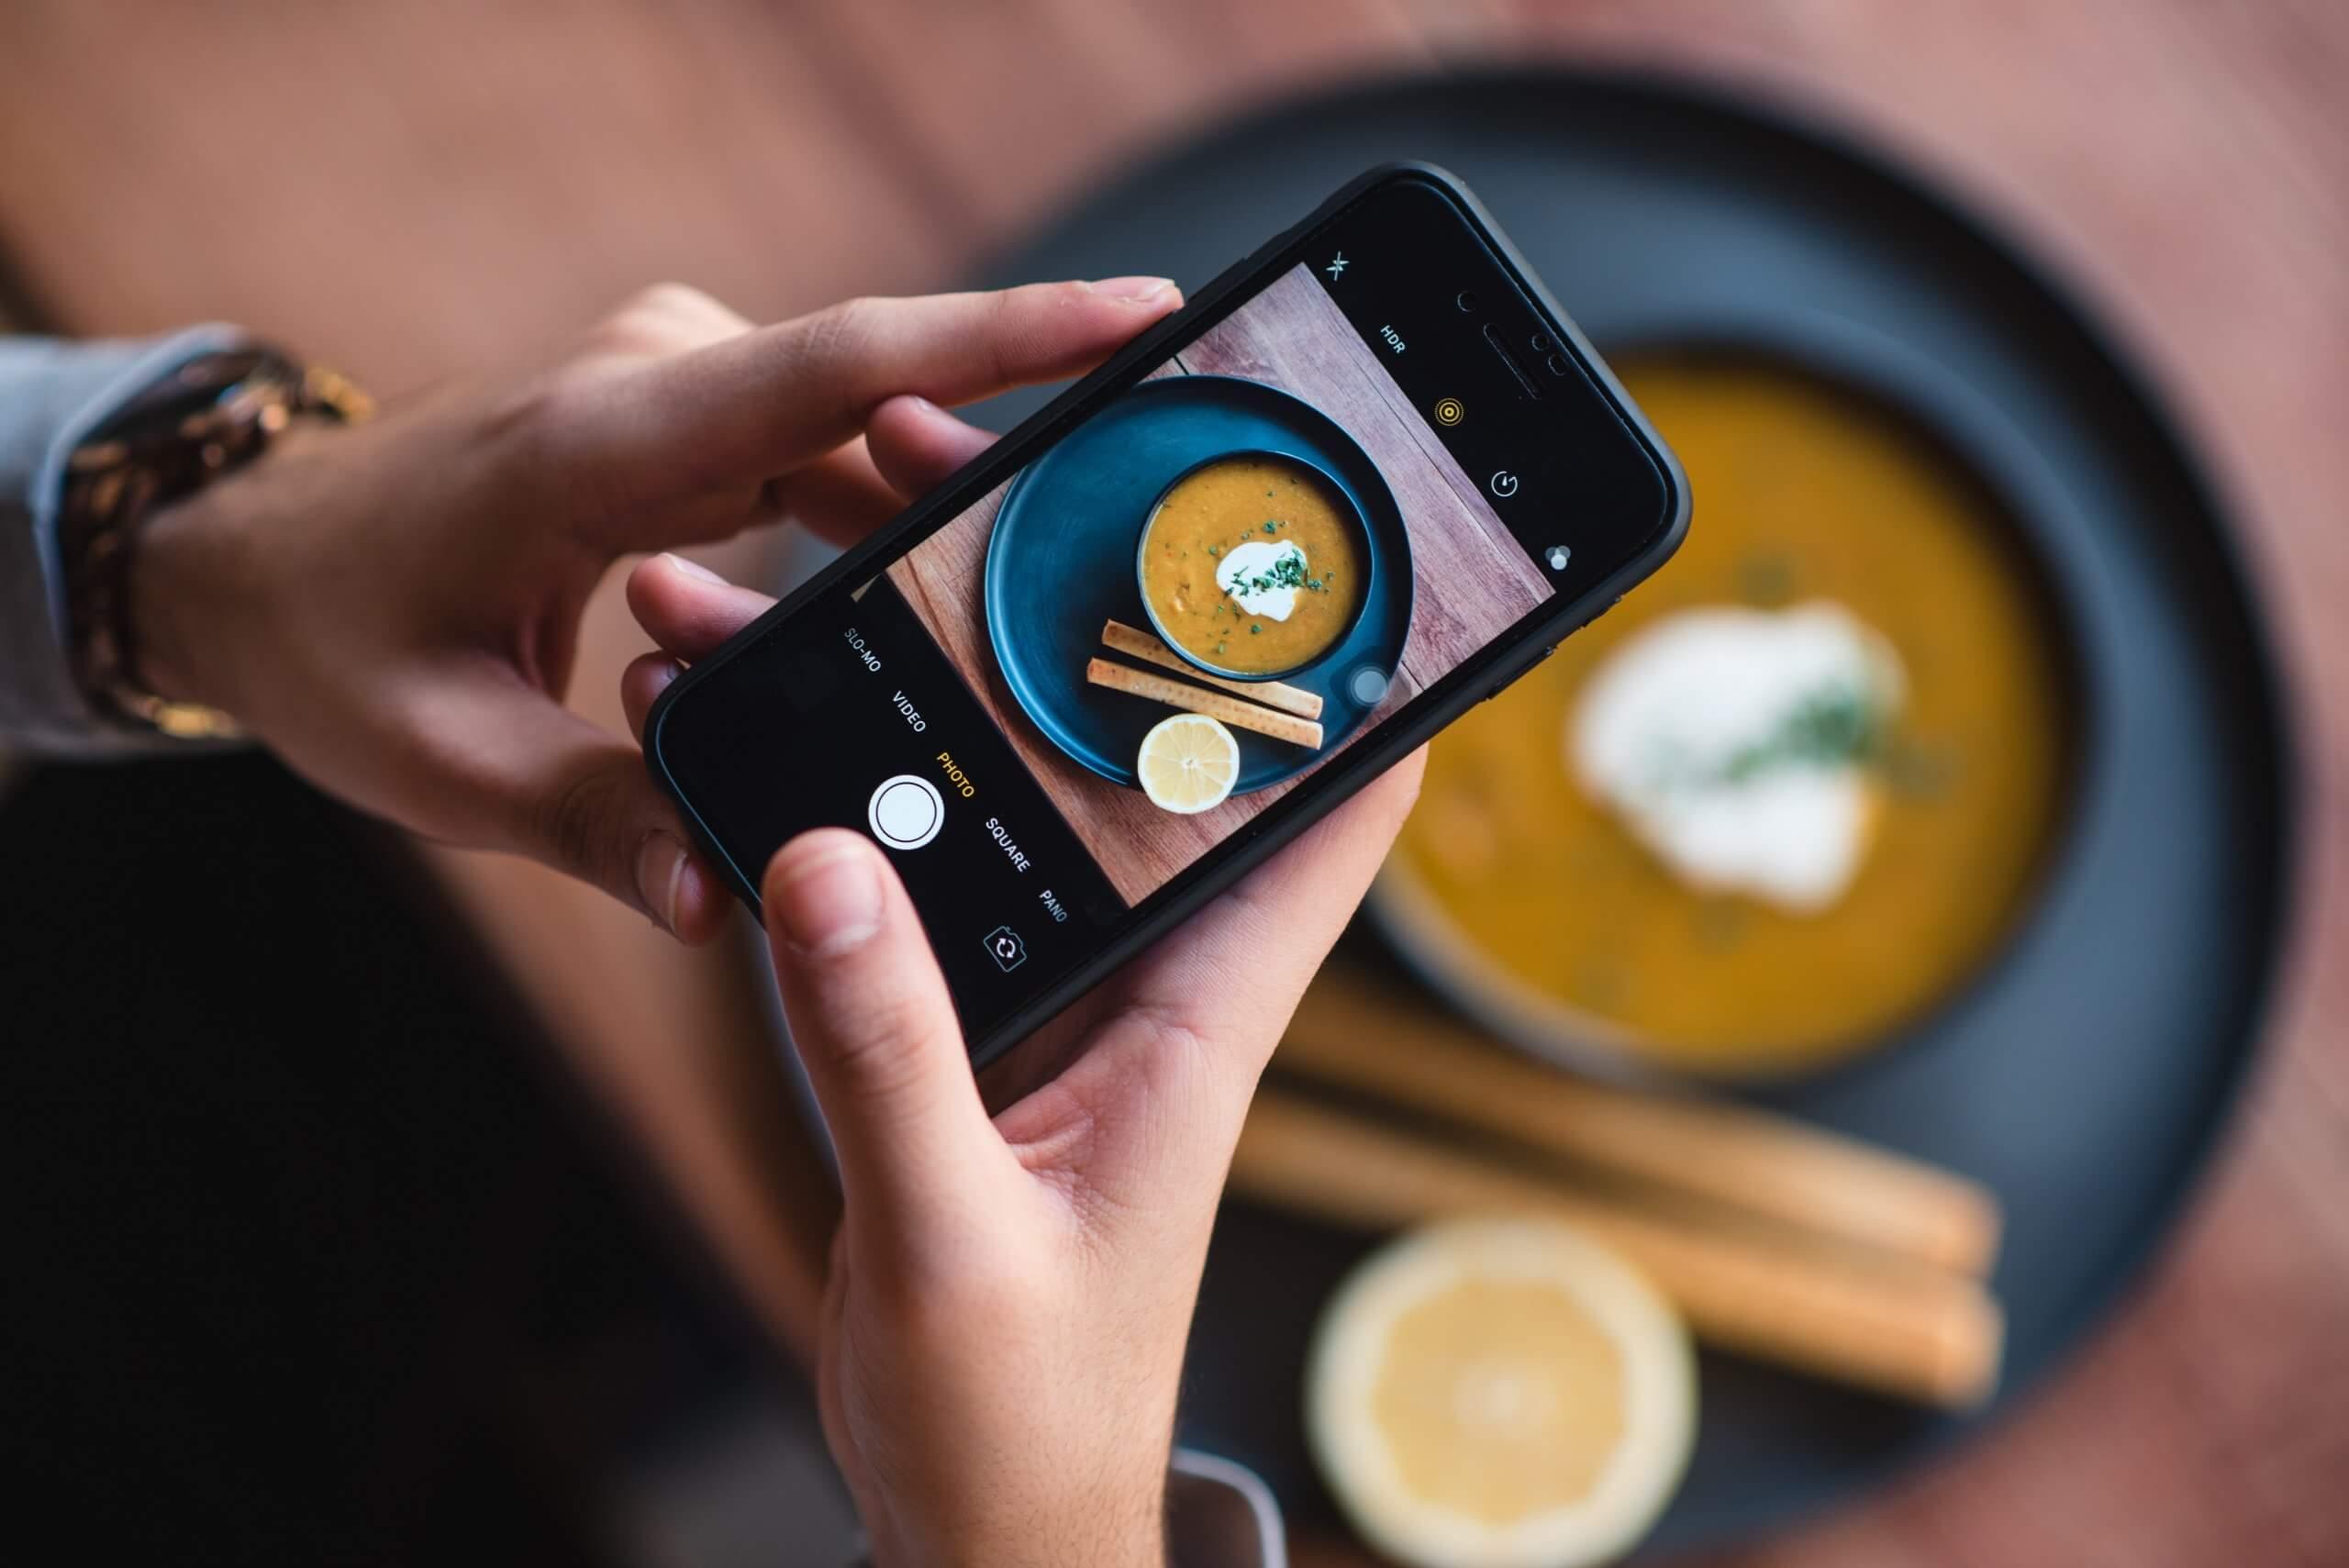 fotografowanie potrawy smartfonem